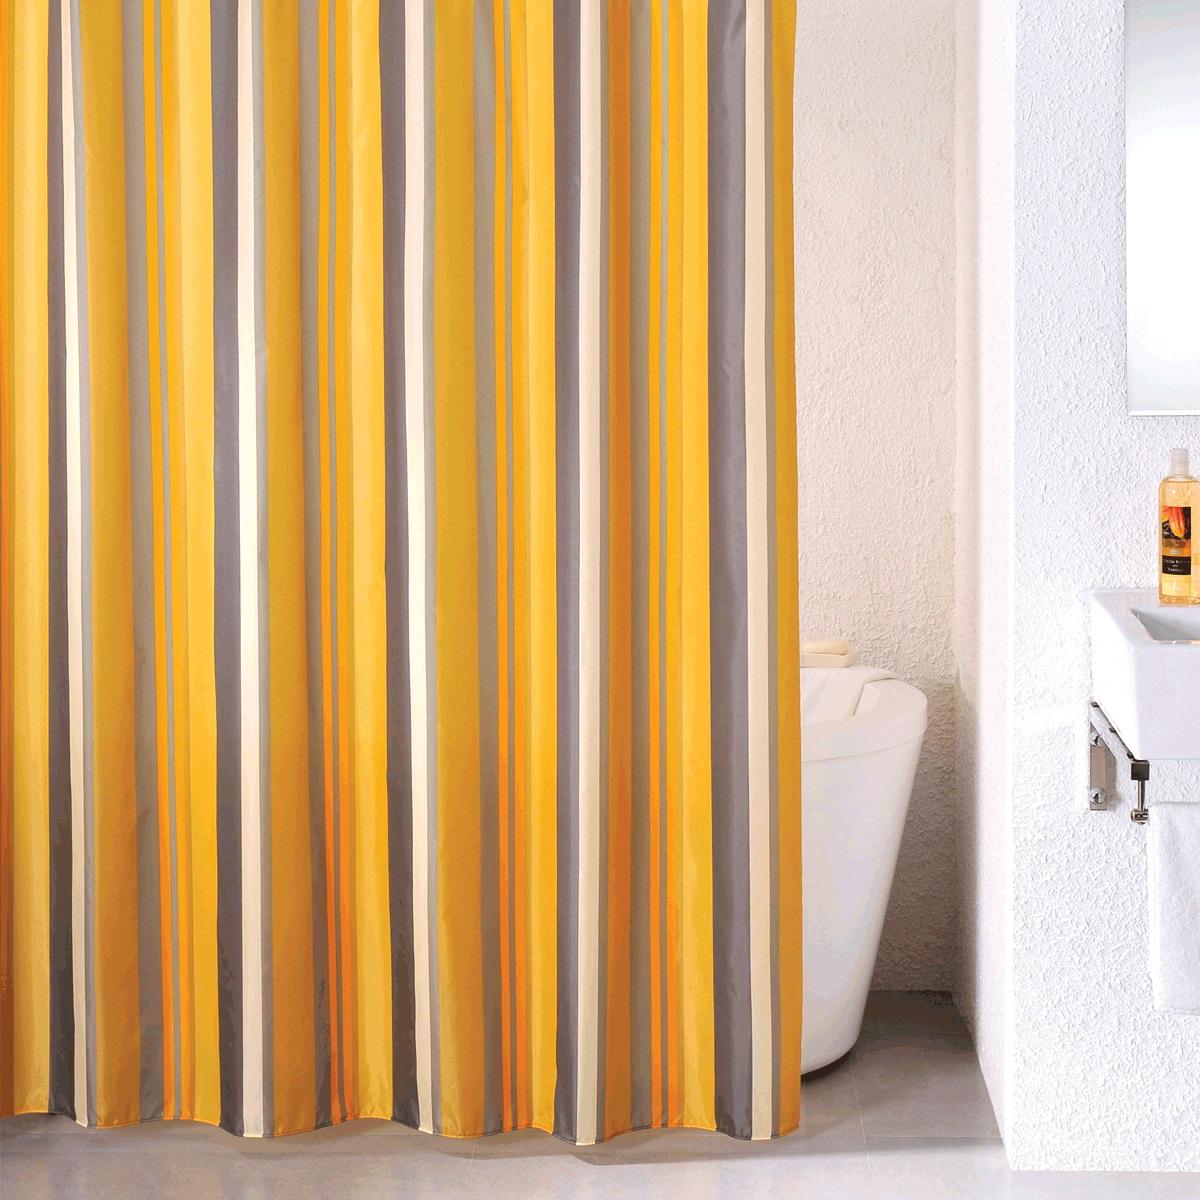 Штора для ванной Milardo Quiet Stripes, цвет: оранжевый, 180 x 200 см710P180M11Штора для ванной Milardo Quiet Stripes, изготовленная из полиэстера - водонепроницаемого, мягкого на ощупь и прочного материала, идеально защищает ванную комнату от брызг. В верхней кромке шторы предусмотрены металлические отверстия для колец, которые входят в комплект.Штора Milardo Quiet Stripes порадует вас своим ярким дизайном и добавит уюта в ванную комнату. Плотность: 90 г/м.Количество колец: 12 шт.